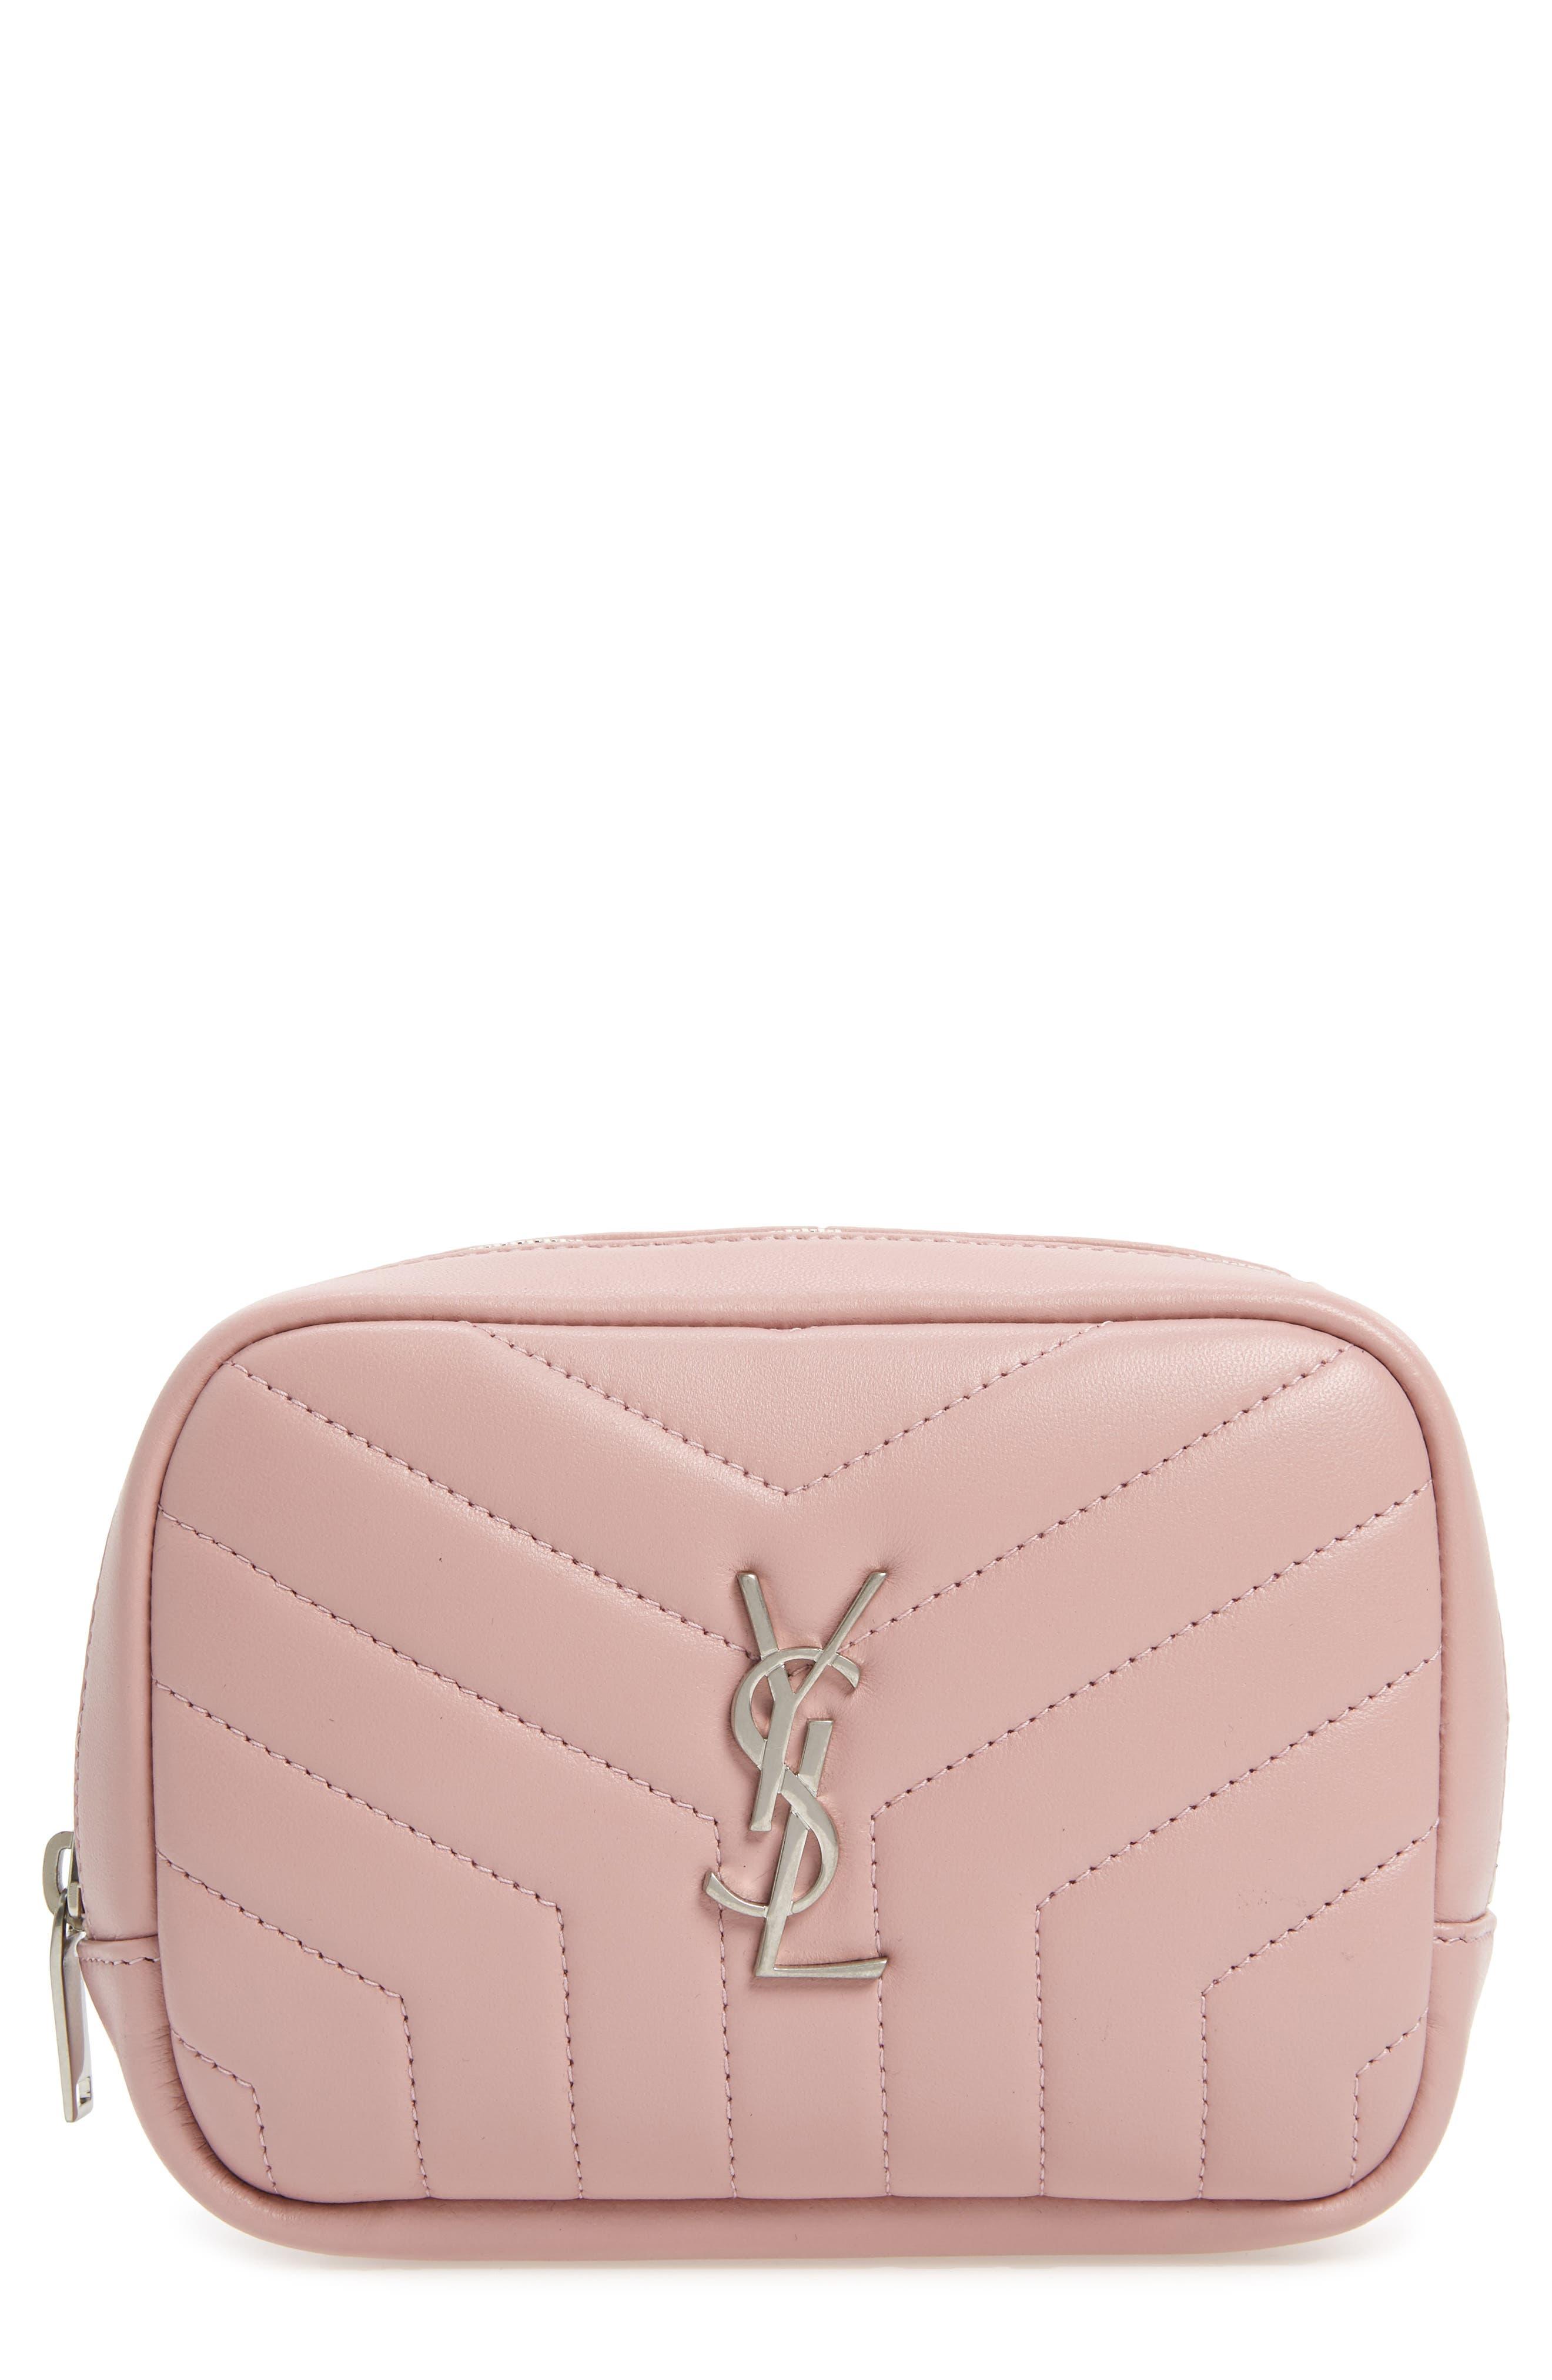 SAINT LAURENT, Loulou Matelassé Leather Cosmetics Bag, Main thumbnail 1, color, TENDER PINK